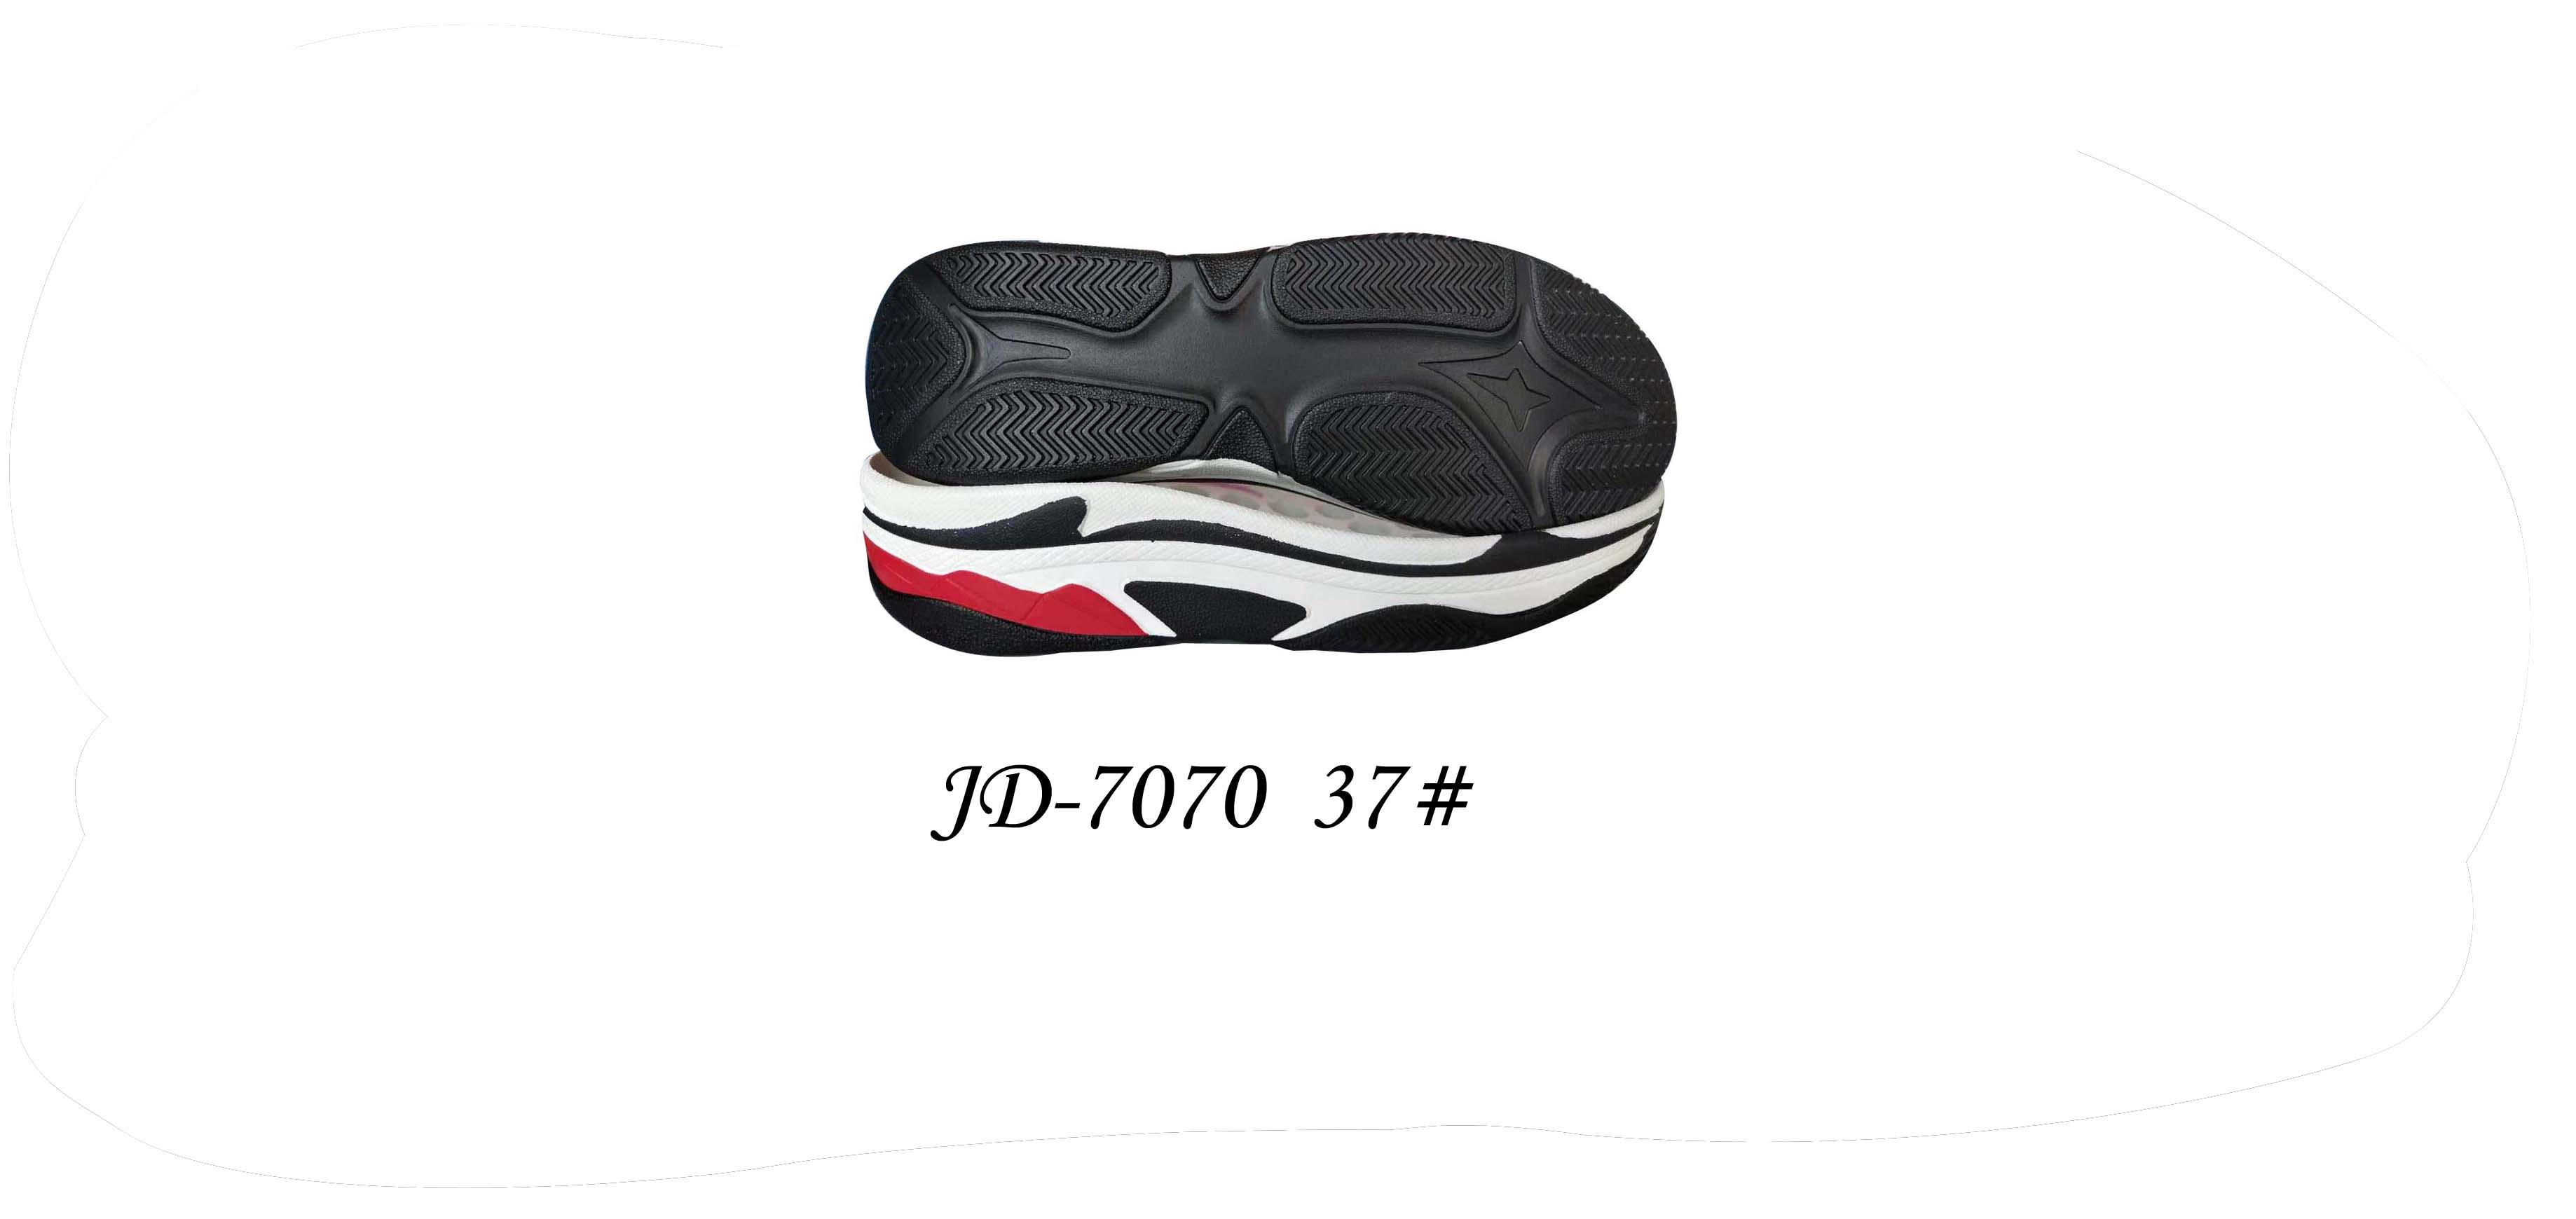 鞋底 PU 女段 休闲鞋 三色 37 一体 JD-7070